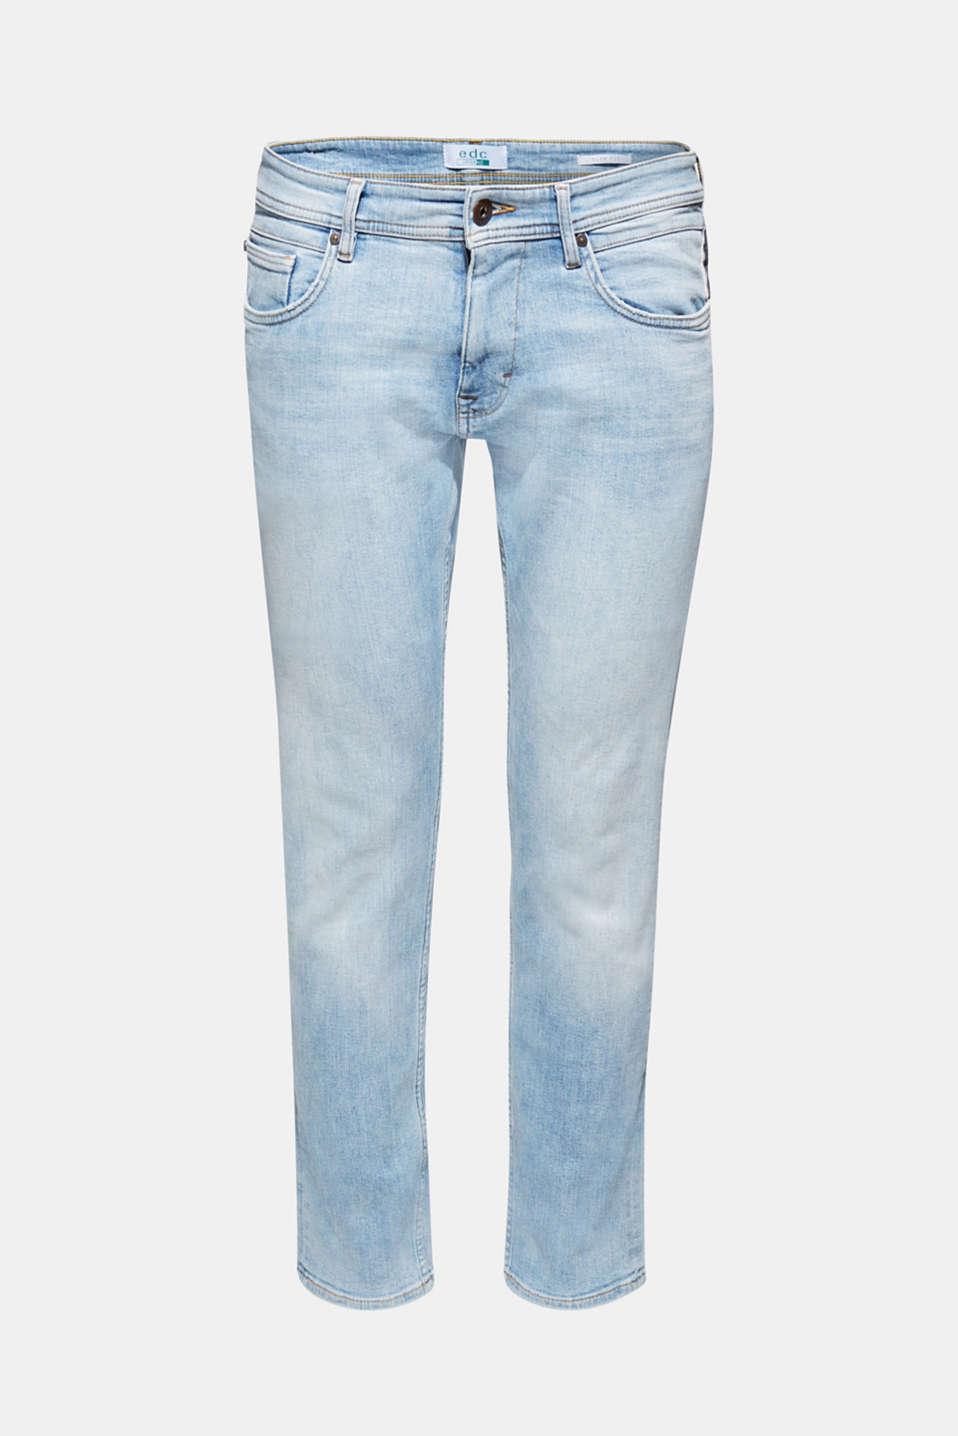 Pants denim Slim fit, BLUE LIGHT WASH, detail image number 6